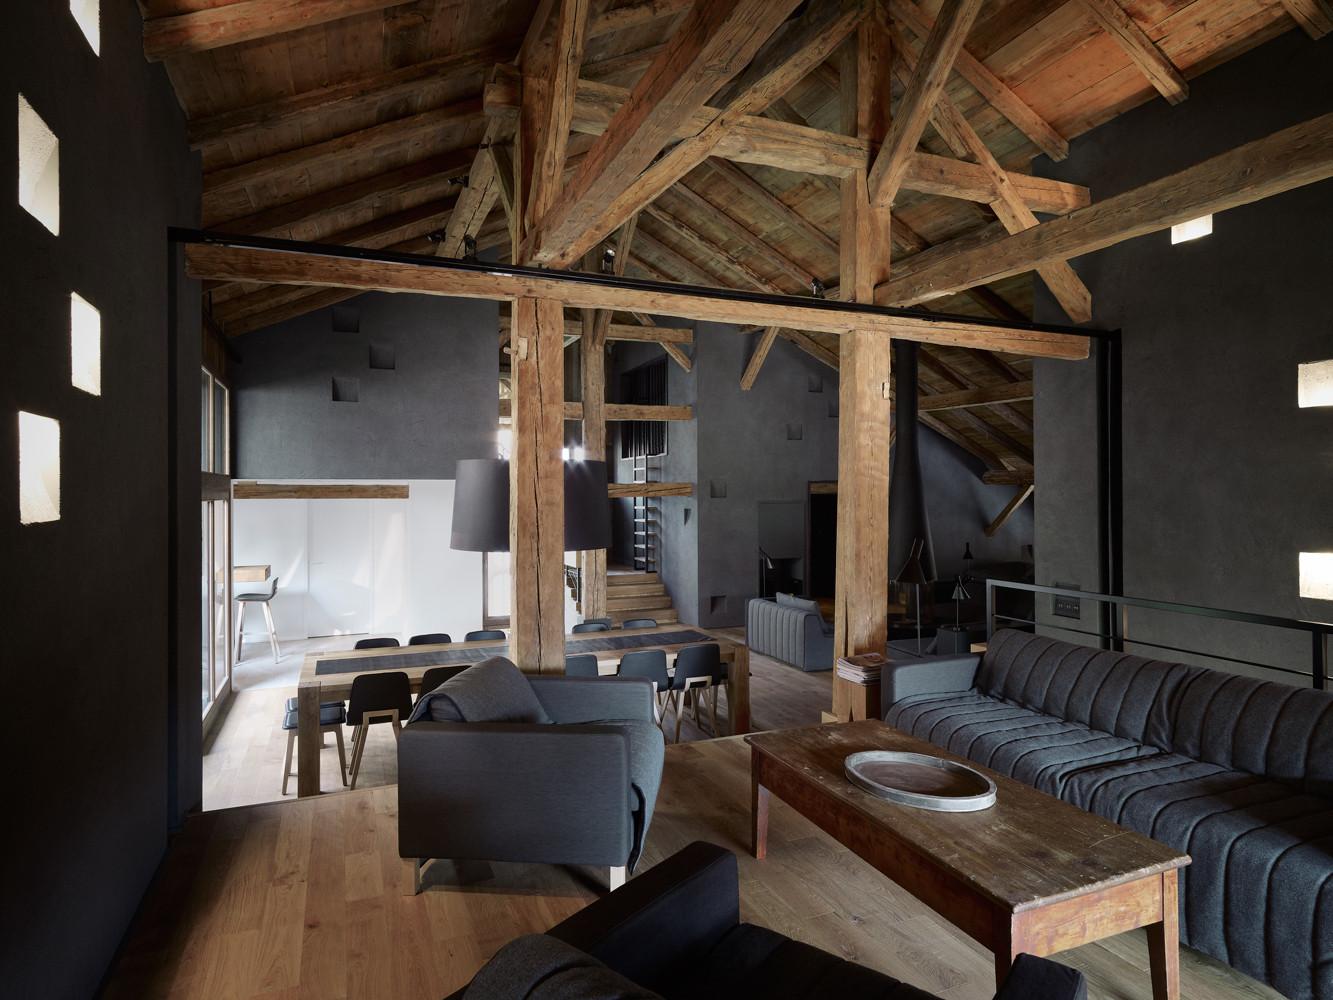 Внутренний дизайн частного дома фото